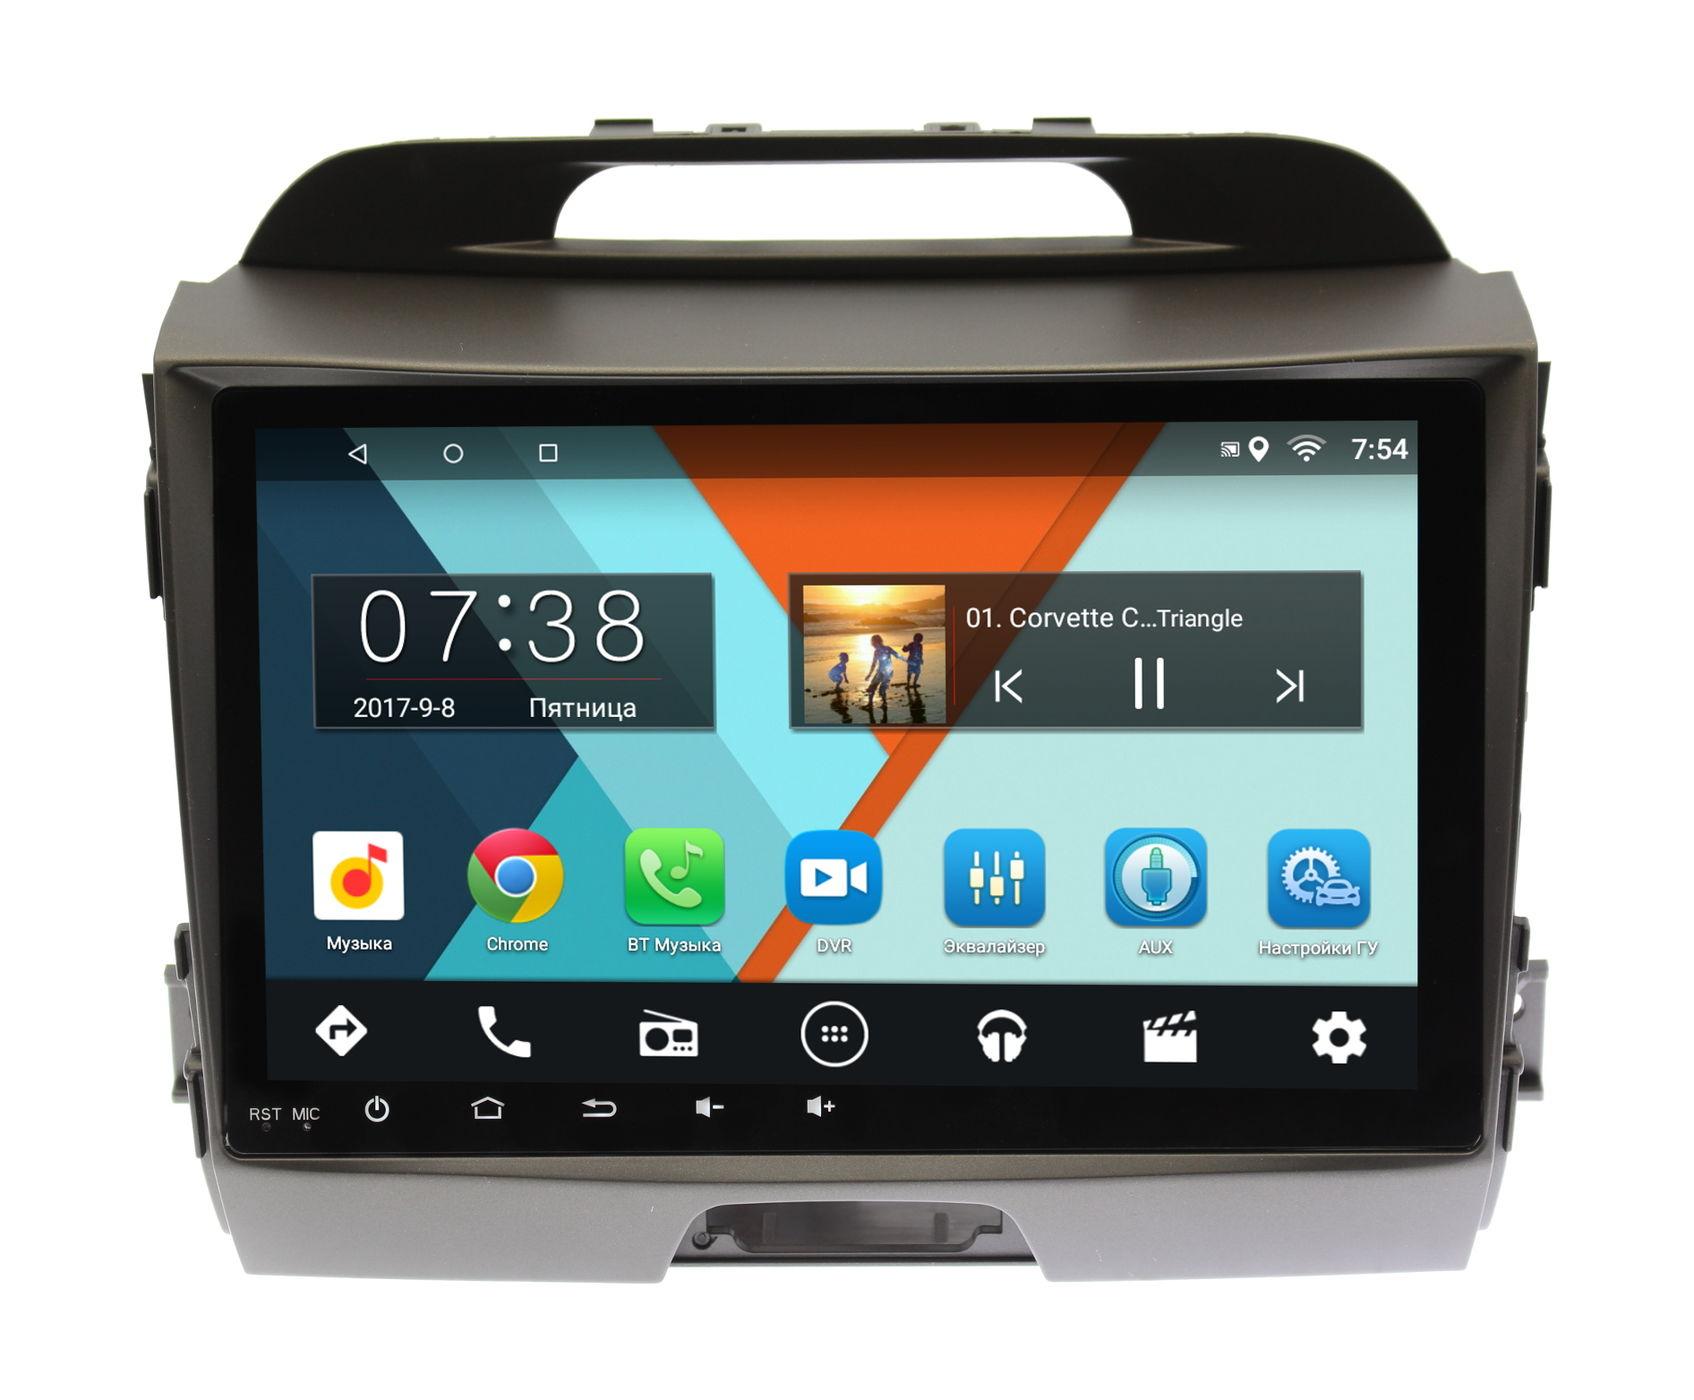 Штатная магнитола Kia Sportage III 2010-2016 для авто с камерой Wide Media MT9072MF-1/16 на Android 6.0.1 штатная магнитола для kia sportage iii 2010 2016 letrun 2020 android 6 0 1